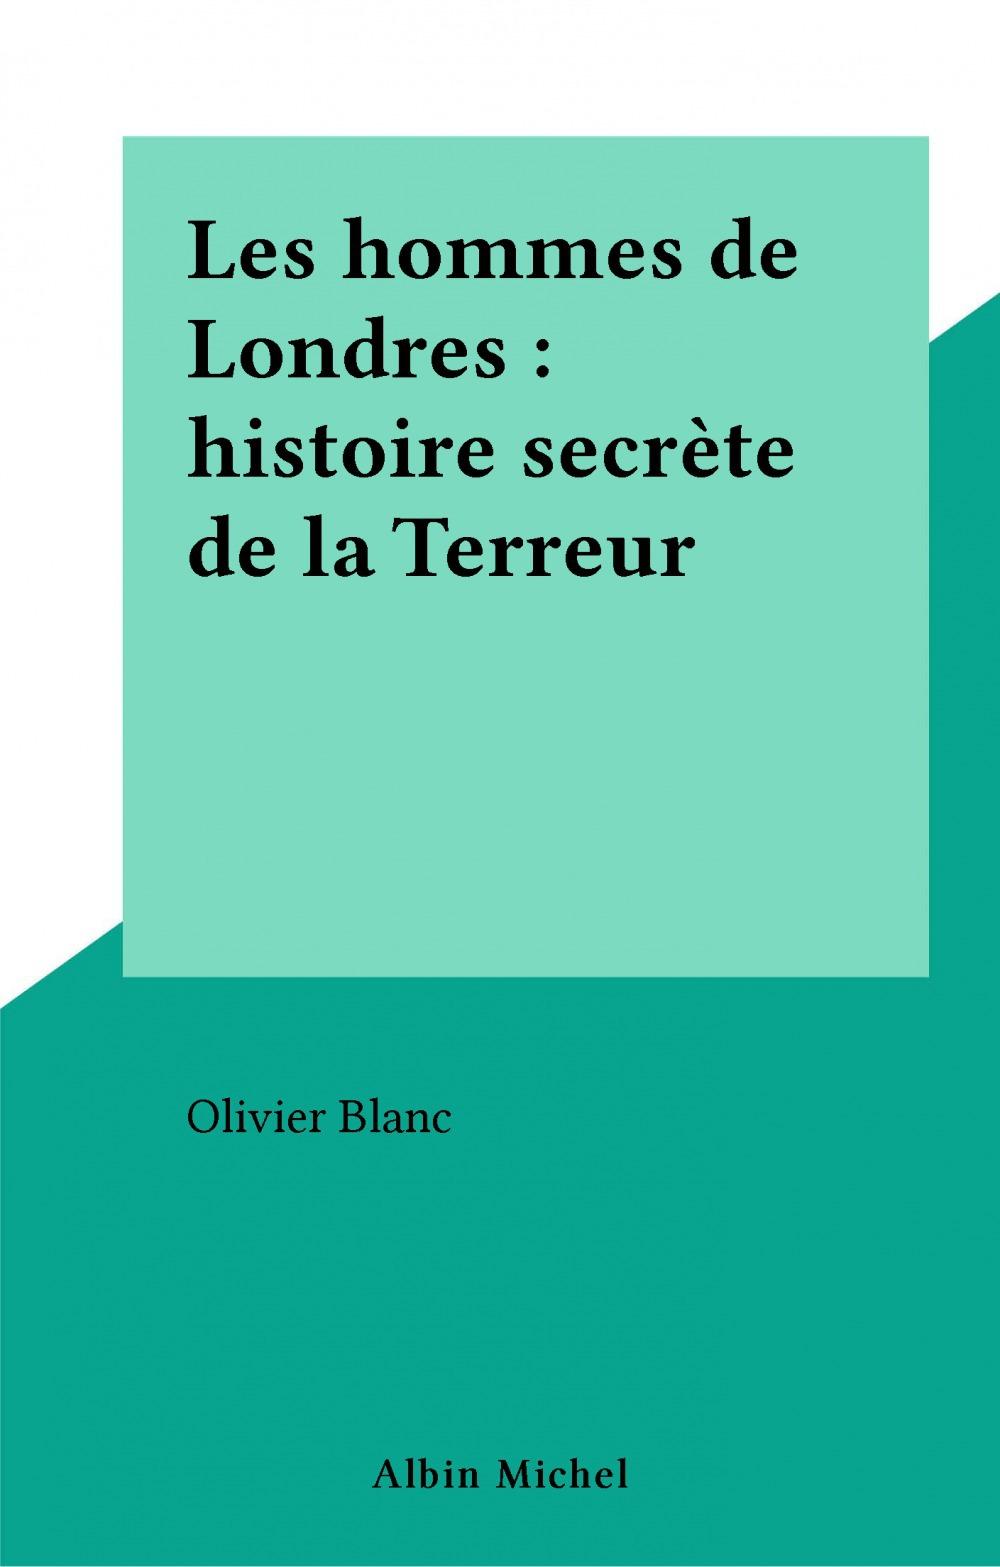 Les hommes de Londres : histoire secrète de la Terreur  - Olivier Blanc